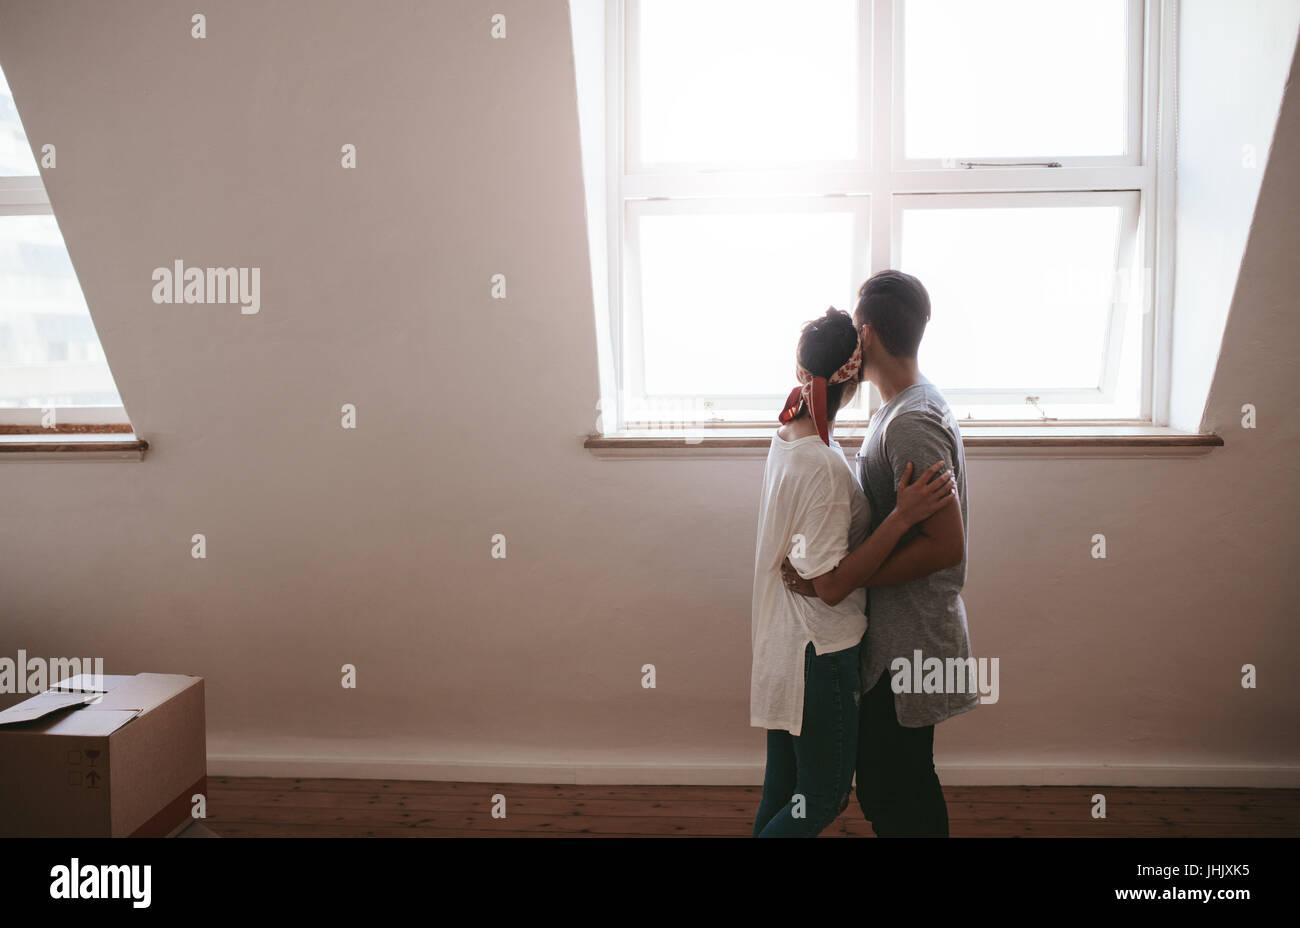 Junges Liebespaar bewegt sich in eine neue Wohnung. Mann und Frau gemeinsam mit Boxen am Boden stehen. Stockbild